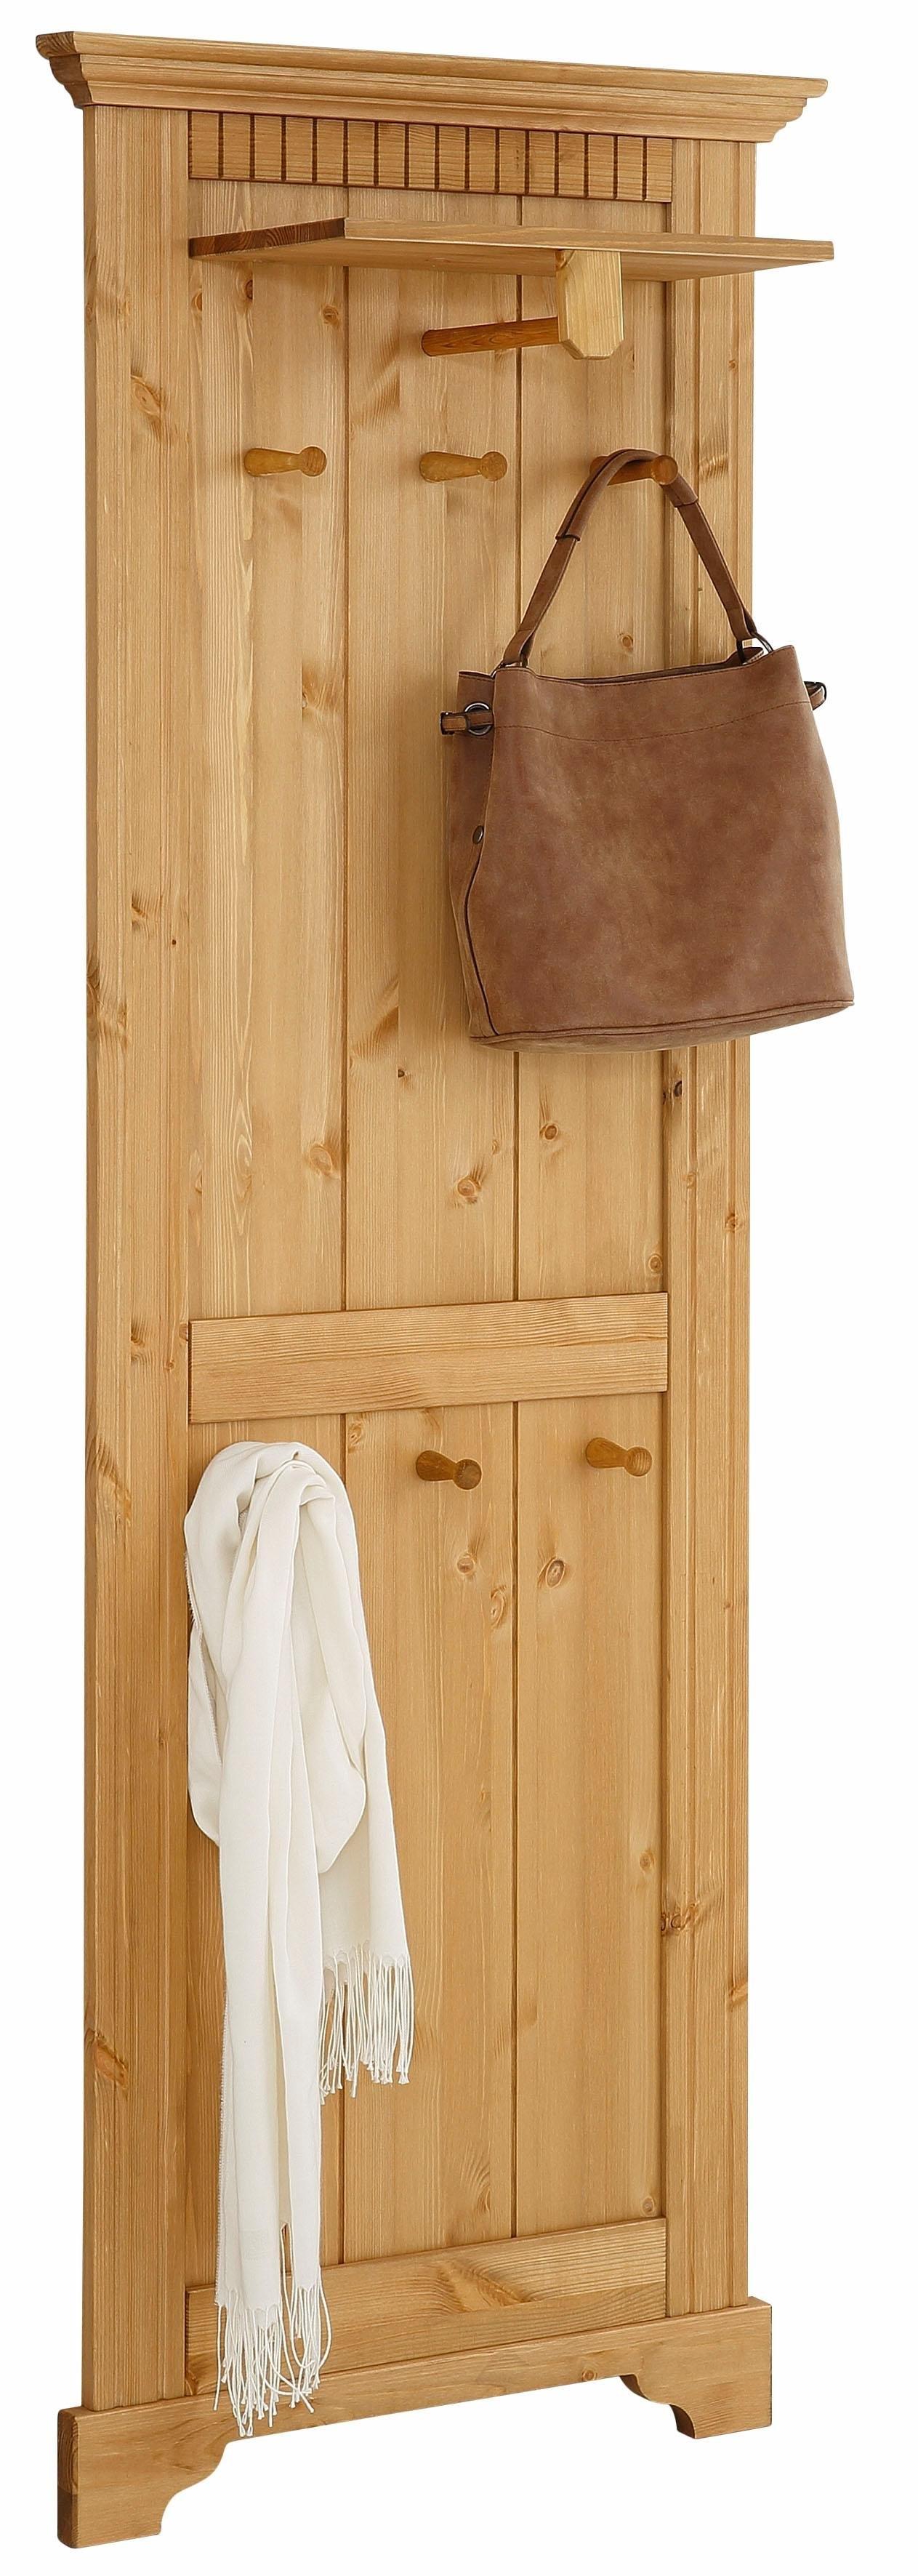 Home affaire kapstokpaneel »Rustic« van massief grenen, 64 cm breed - verschillende betaalmethodes